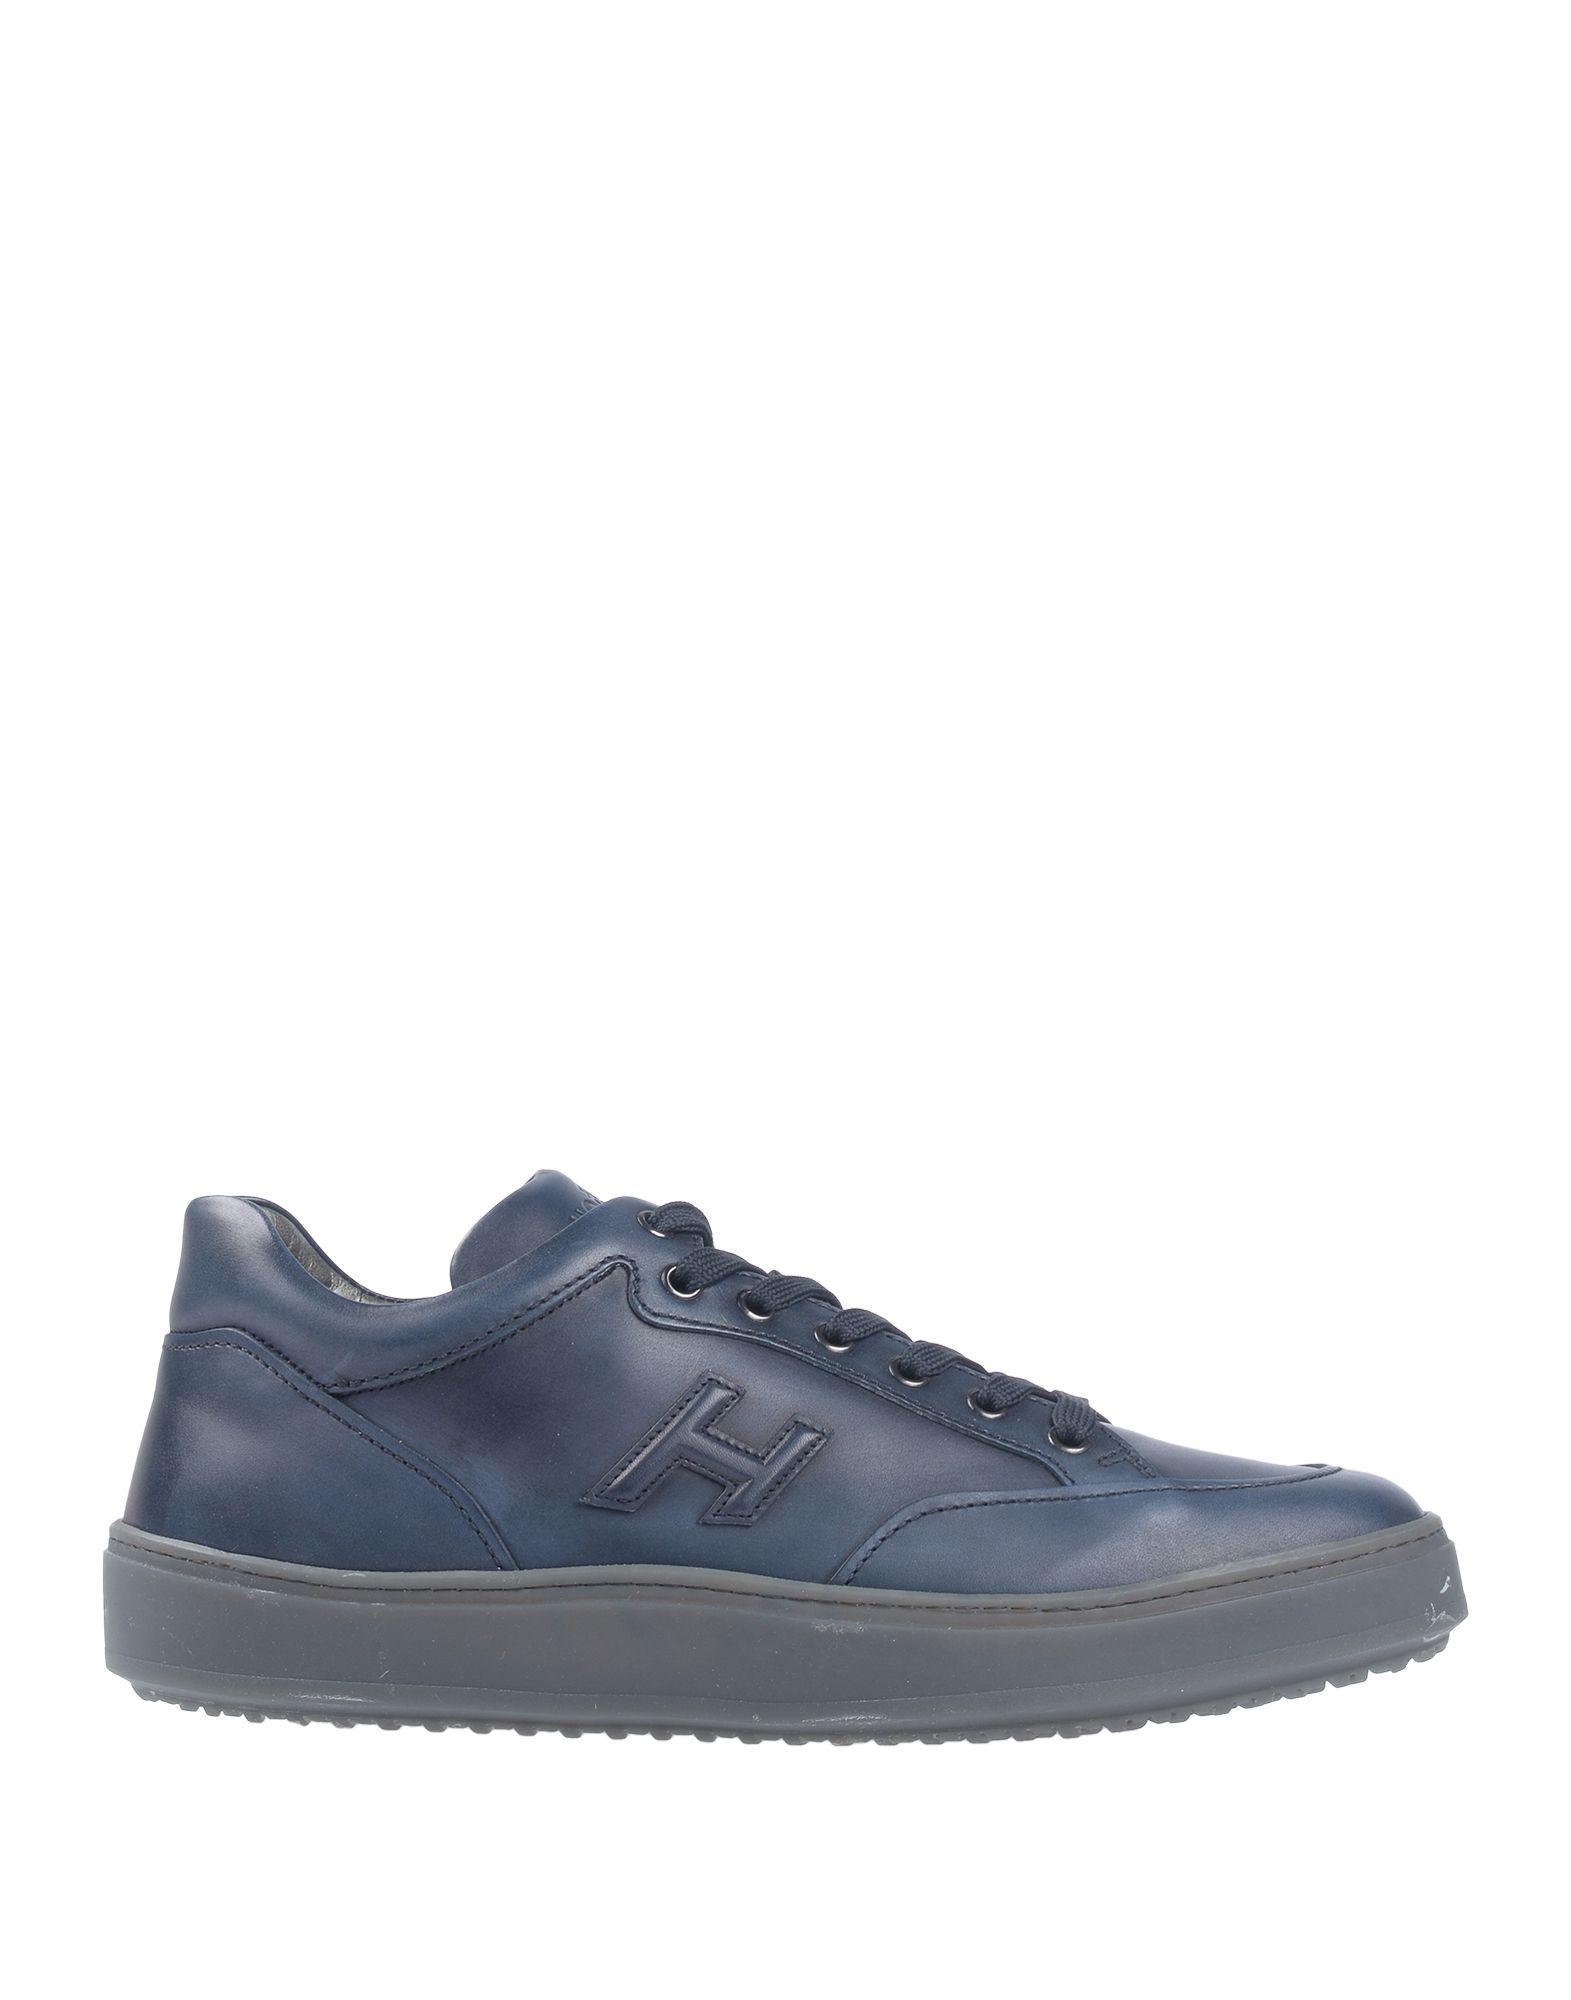 Hogan Sneakers - Men Hogan Sneakers online on 11540978FD  United Kingdom - 11540978FD on e344c3